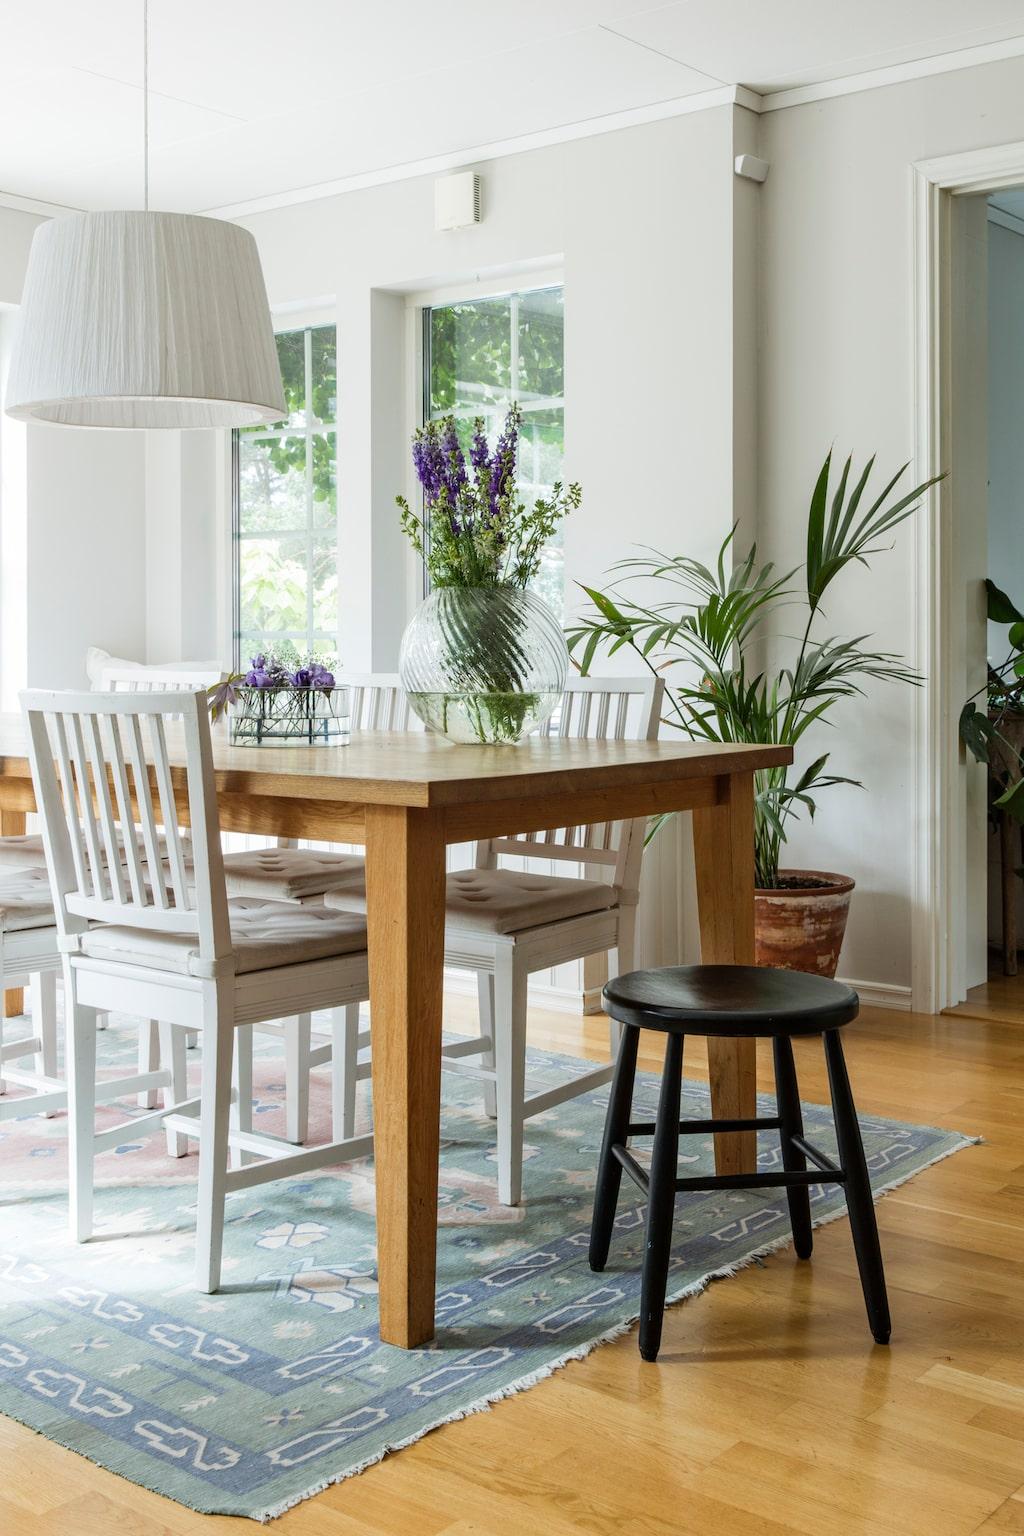 På den ljusa matplatsen med utsikt över trädgården och sluttningen står ett bord från Room, stolar från Allinwood och pall från loppis. Mattan är en indisk dhurrie.